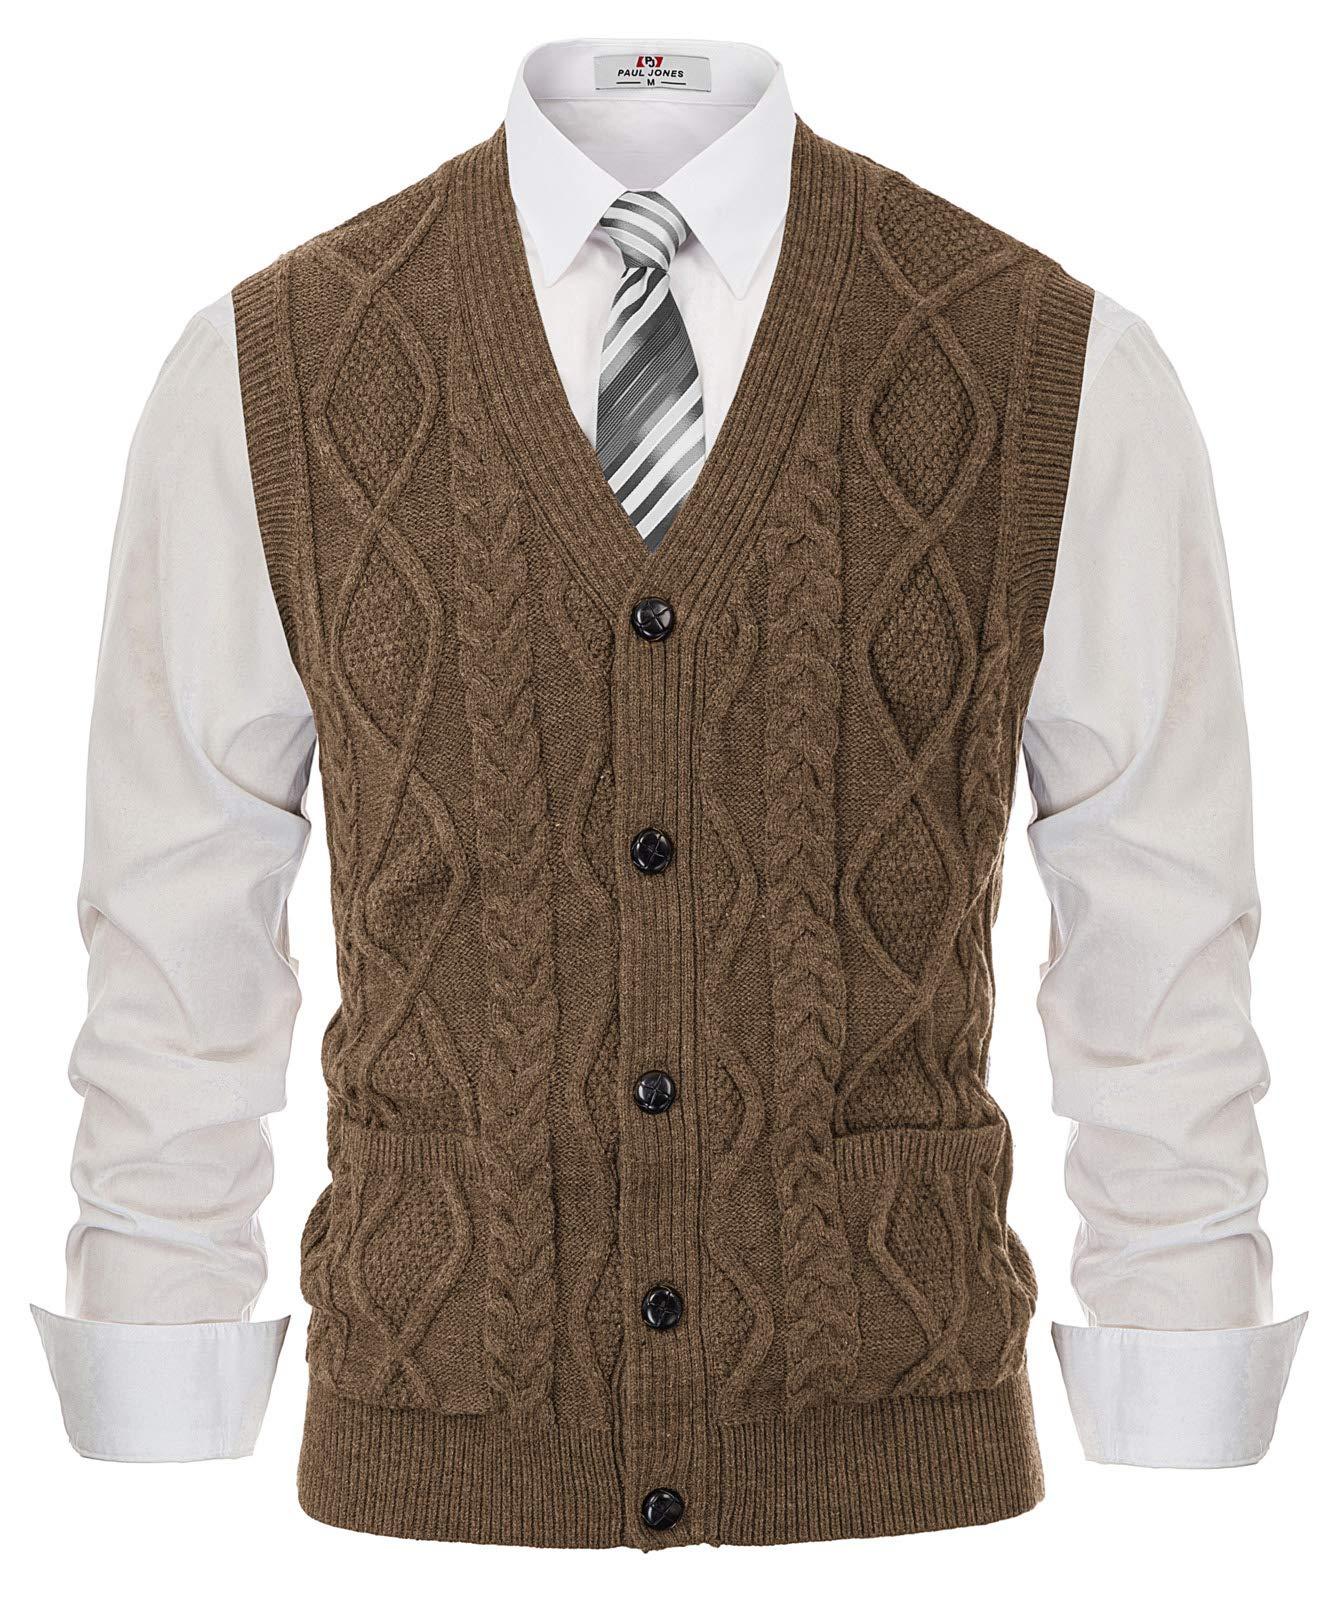 Men's Casual V-Neck Sweater Vest Knitwear Cardigan Waistcoat Coffee S by PJ PAUL JONES